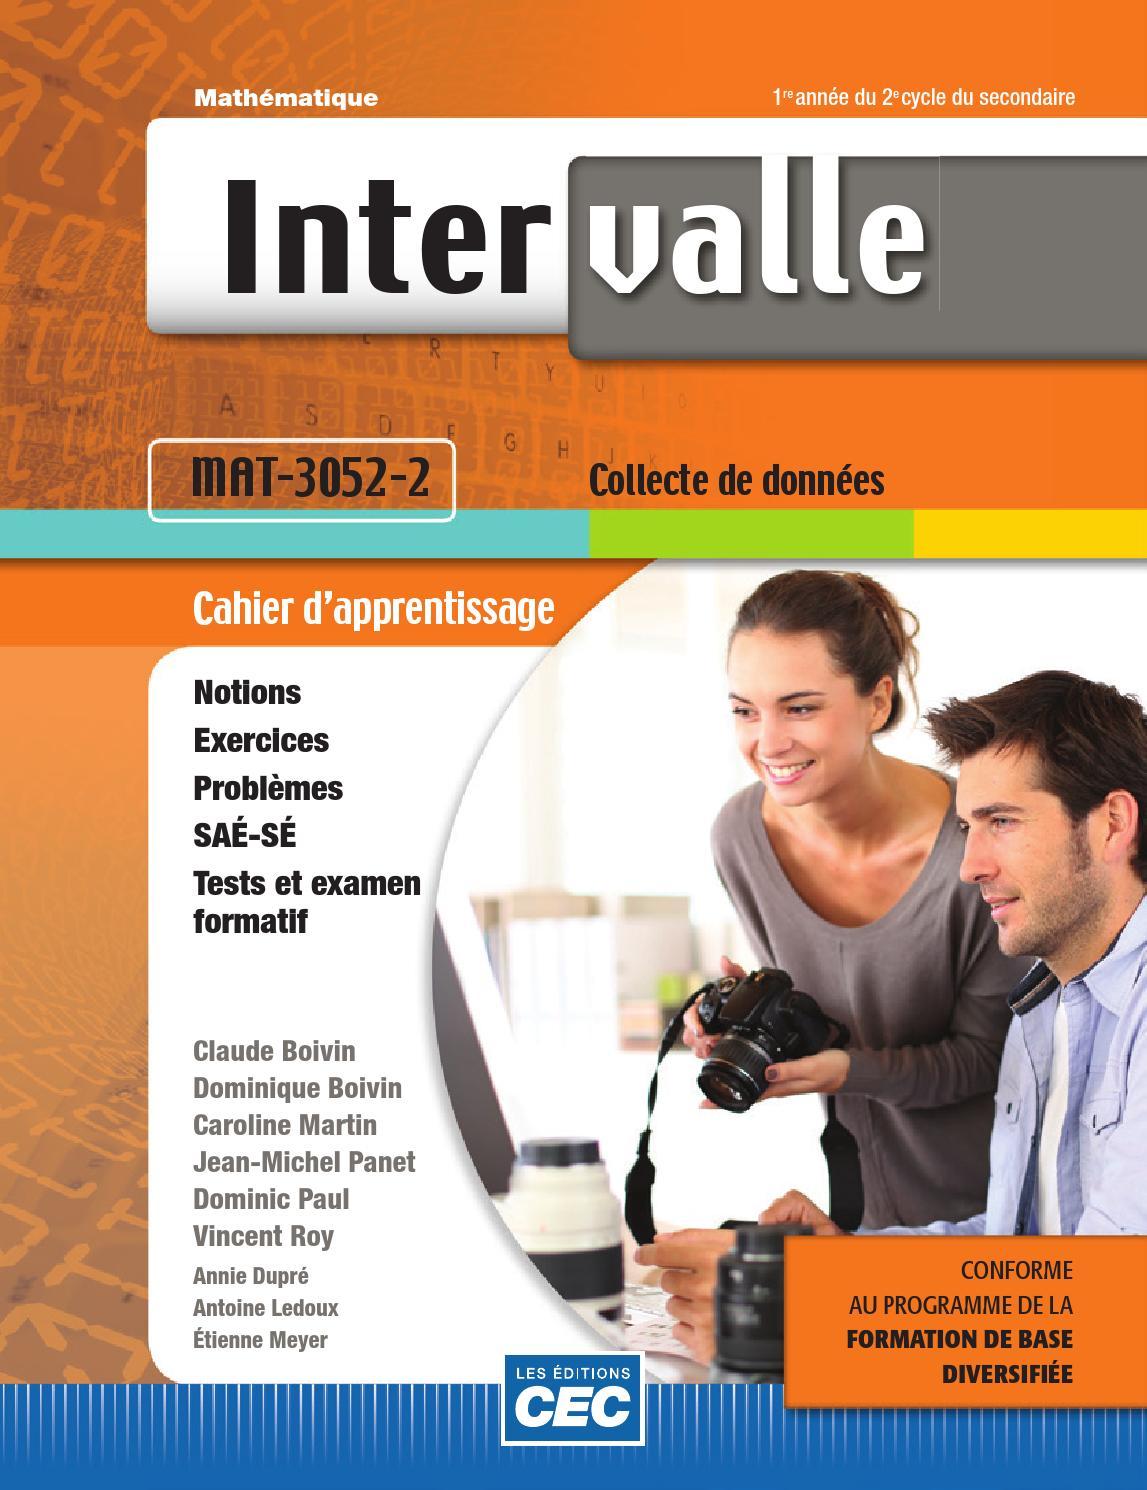 Intervalle Fbd Mat-3052 By Les  U00c9ditions Cec